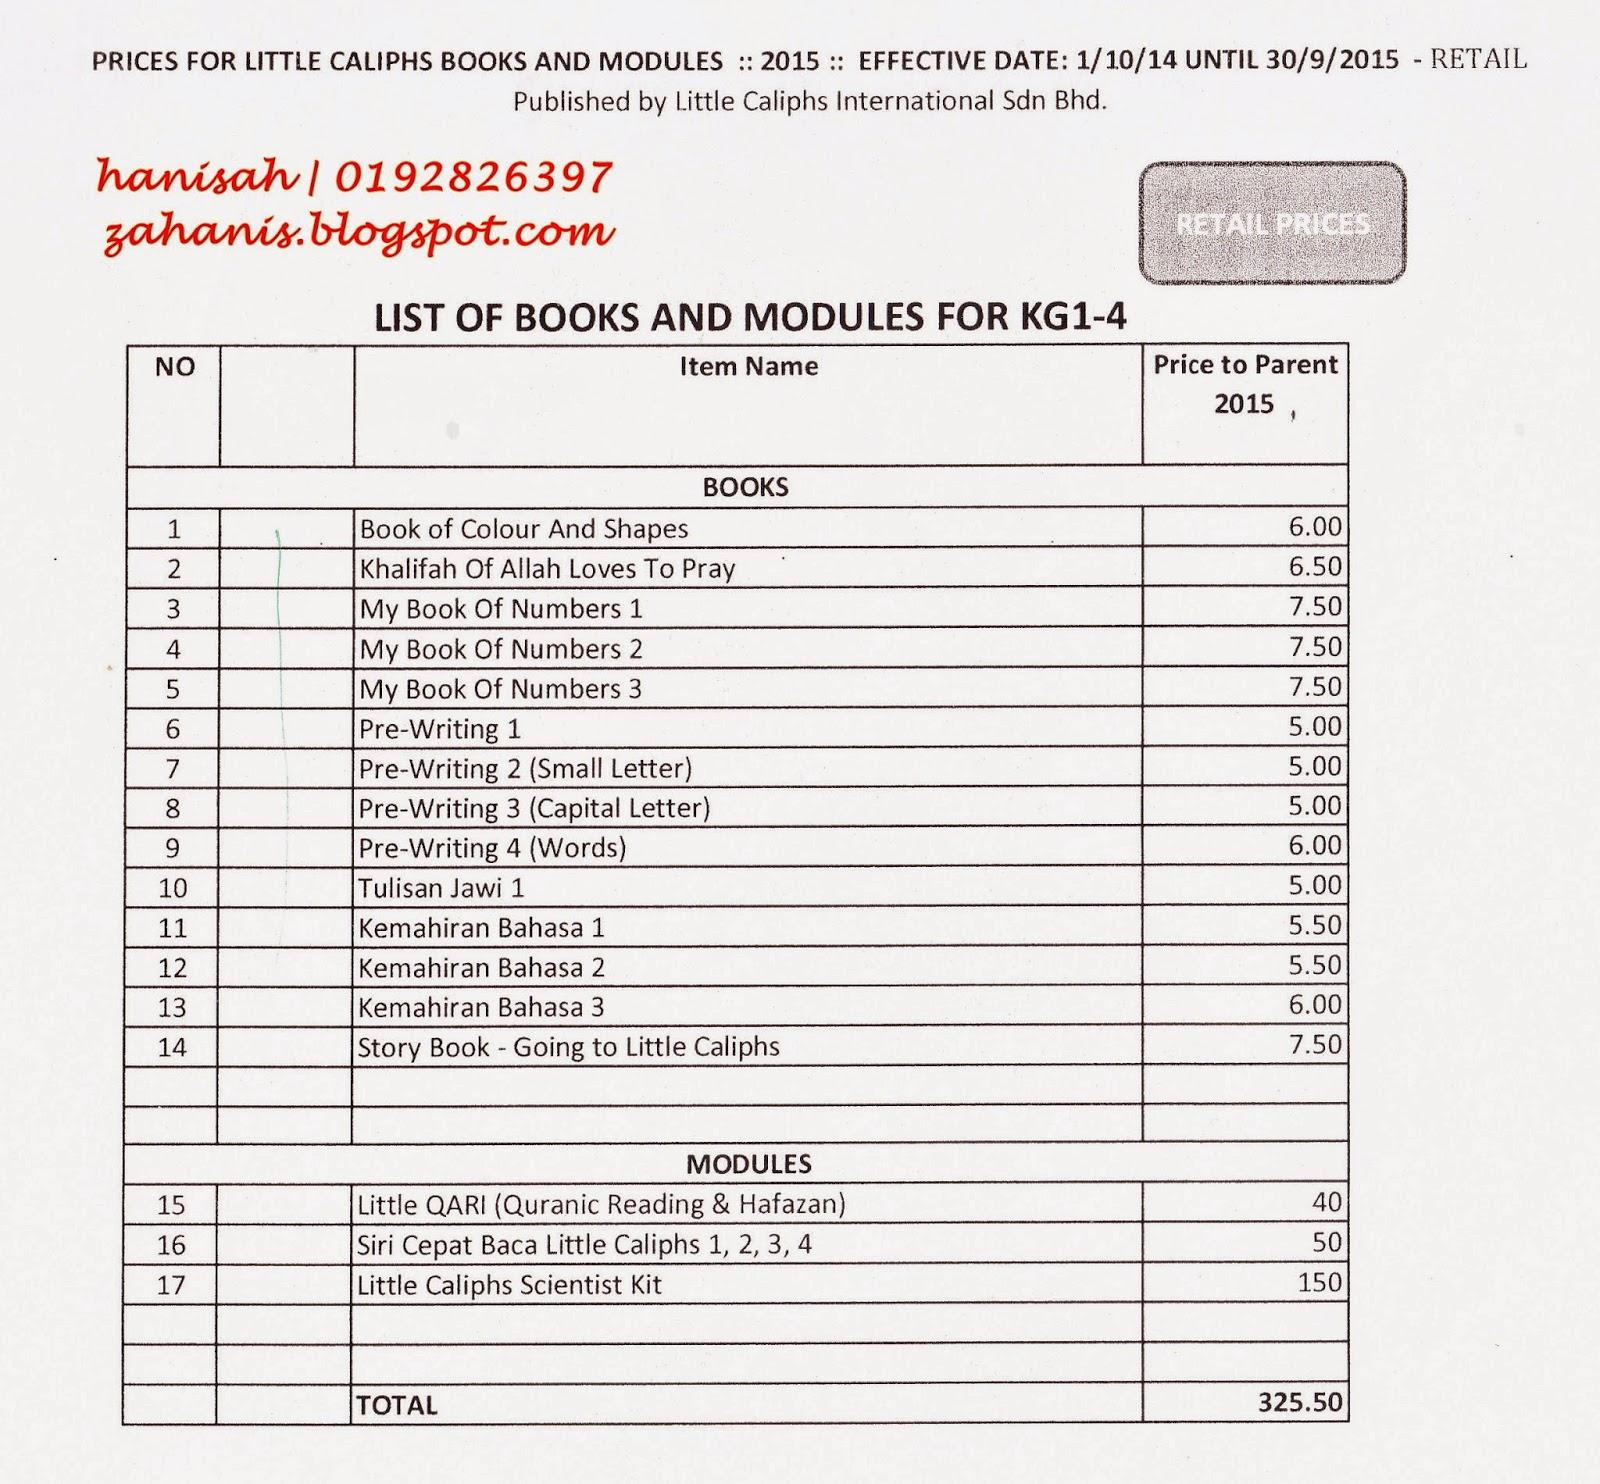 senarai buku little caliph 2015